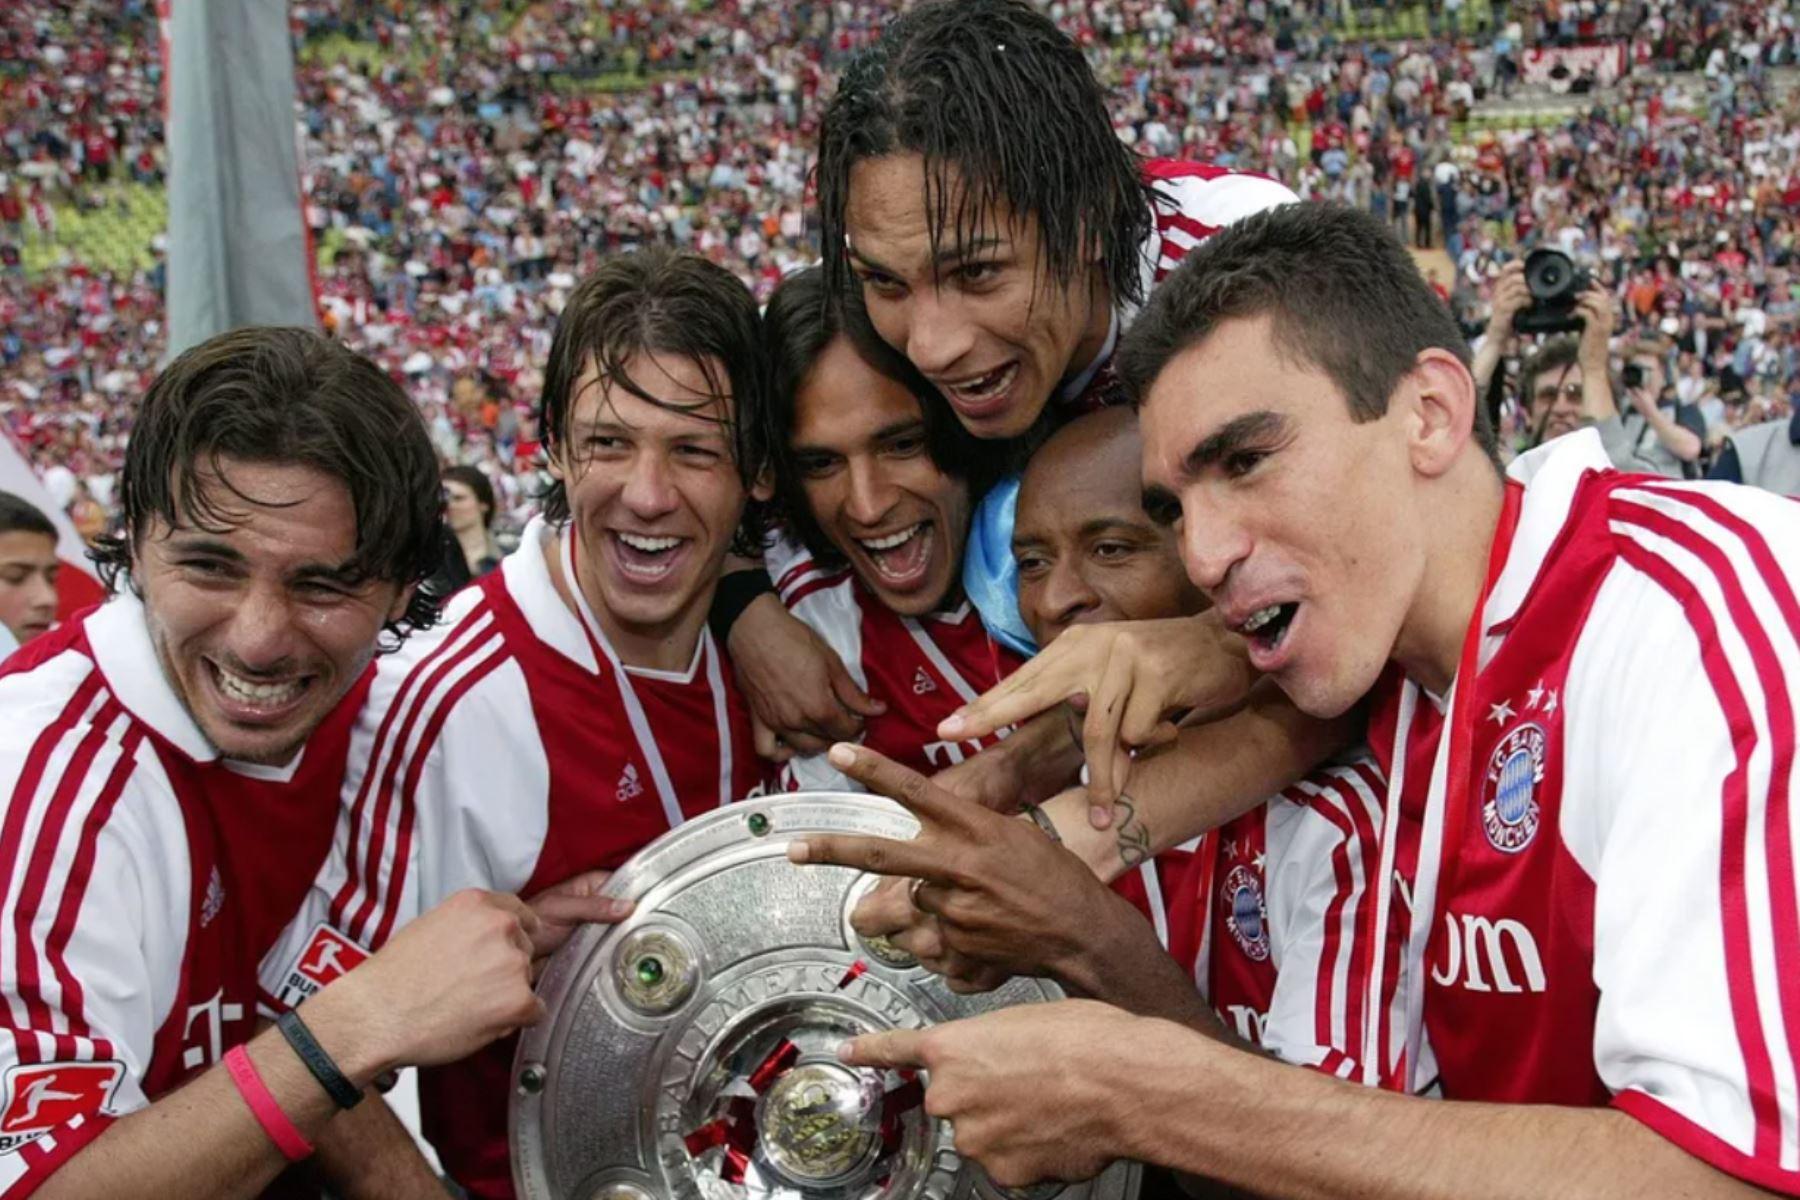 El delantero peruano del Bayern Munich, Claudio Pizarro, saboreó triunfos al lado de un joven Paolo Guerrero y otros ilustres futbolistas latinos. Fuente: Bundesliga